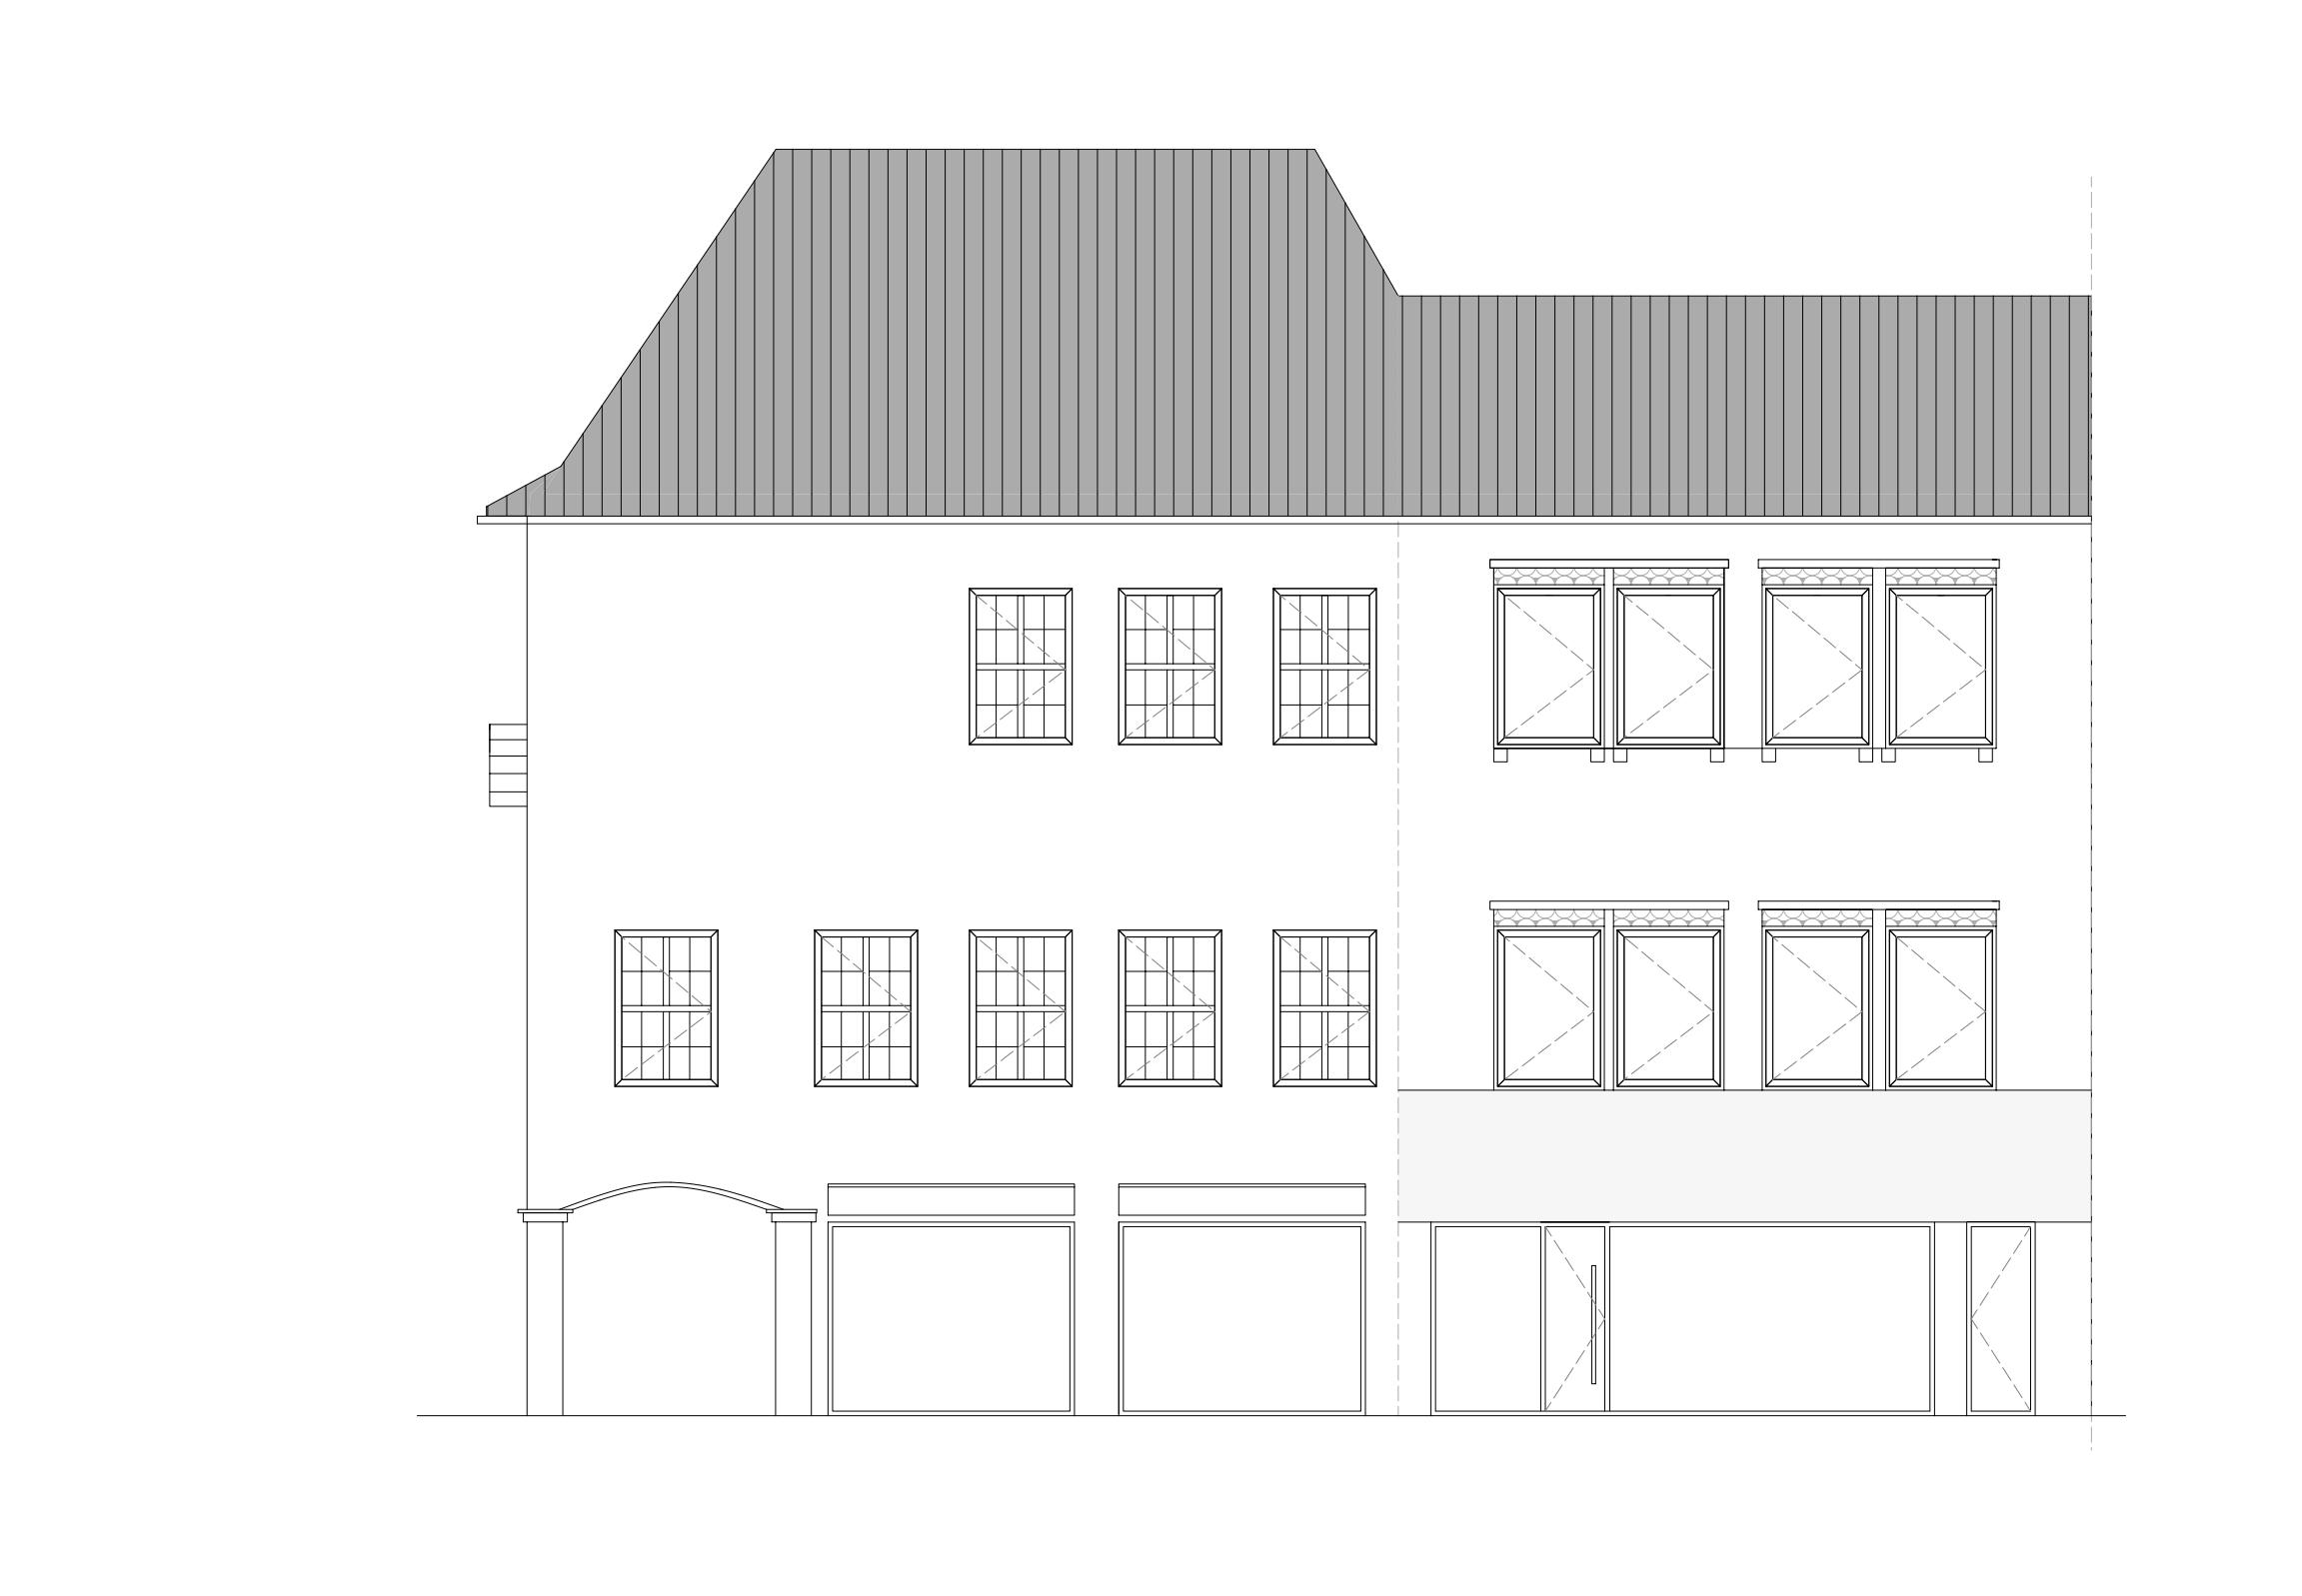 Umbau und Umnutzung einer Büro- und Gewerbeeinheit | Architektur Osnabrück